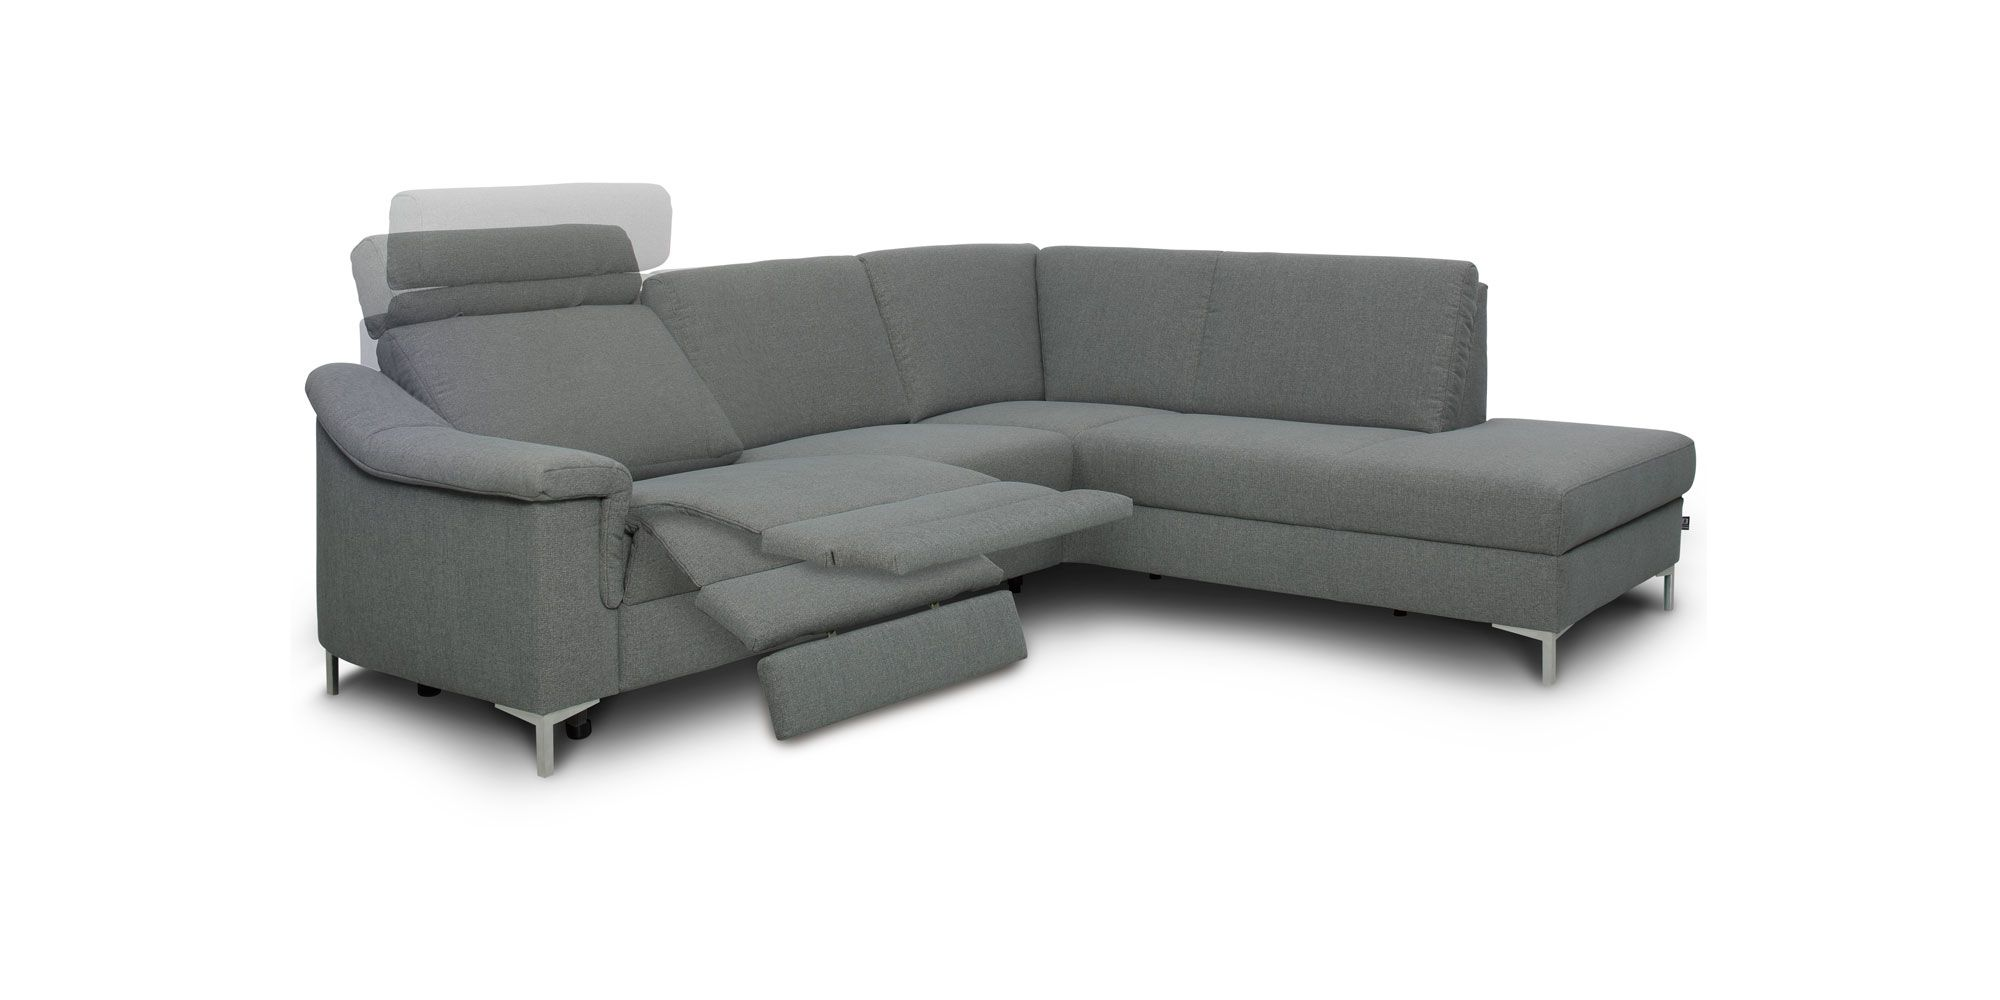 Selectionplus Ewald Schillig Brand Hersteller Von Polstermobel